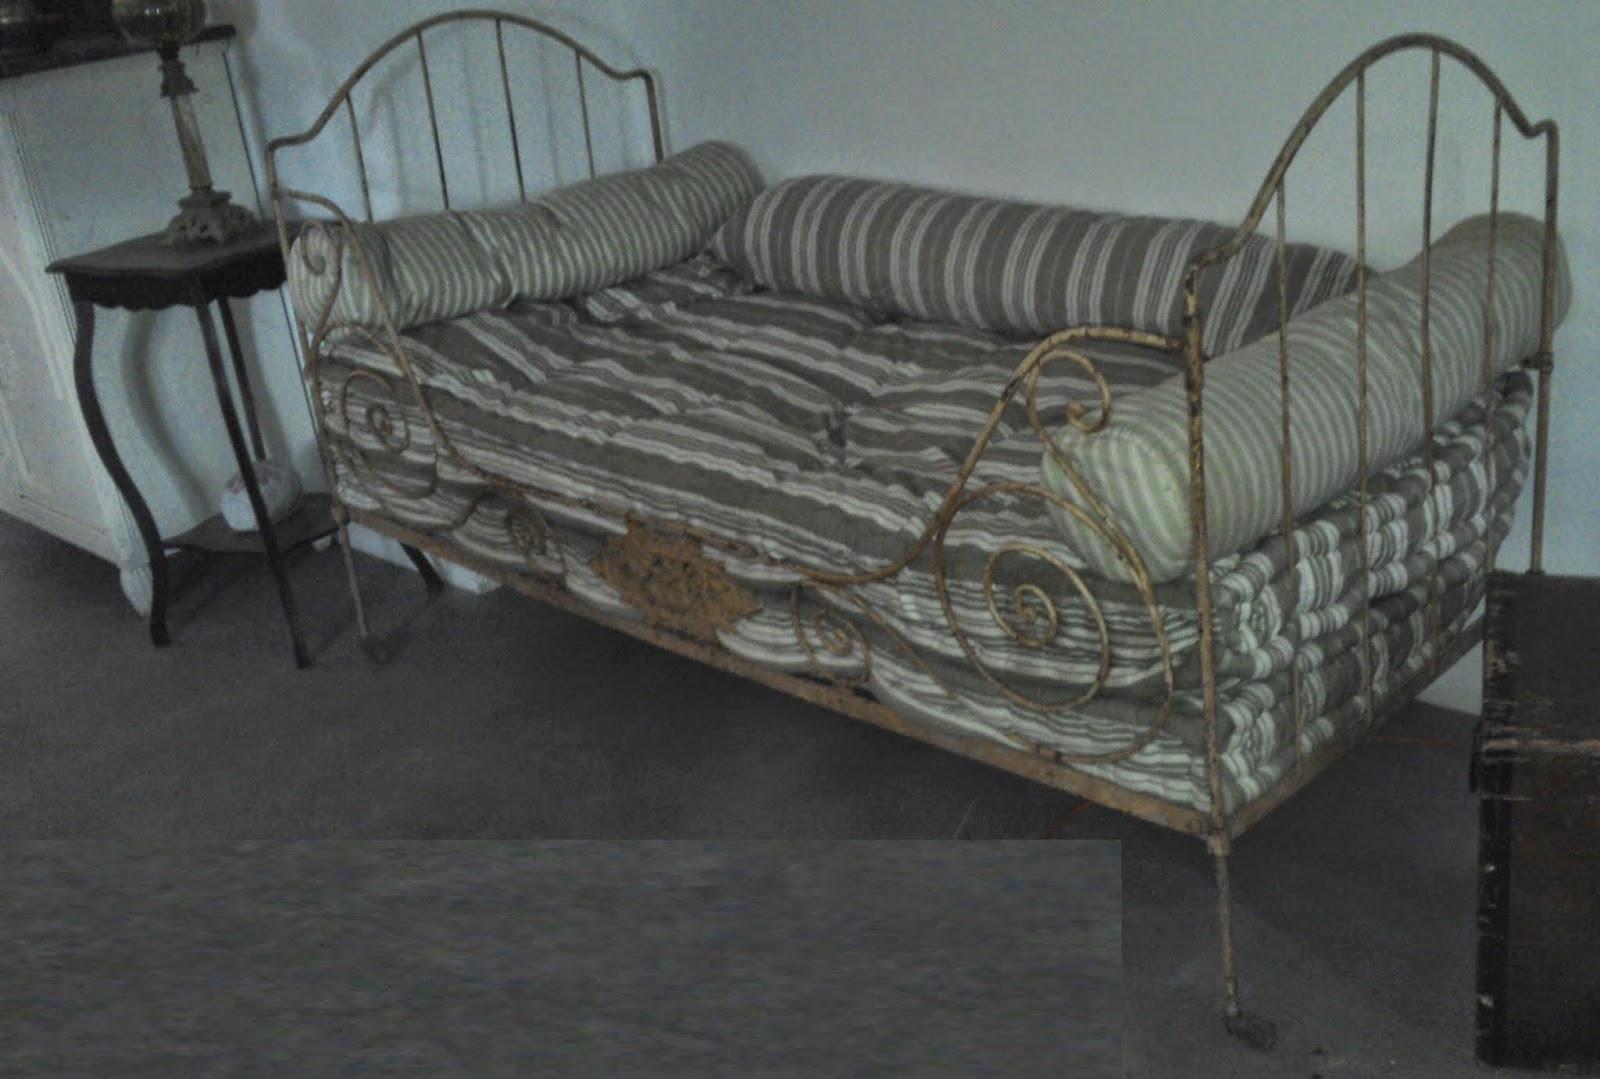 lit en fer forg ancien matelas laine tissus ancien parfait tat et. Black Bedroom Furniture Sets. Home Design Ideas